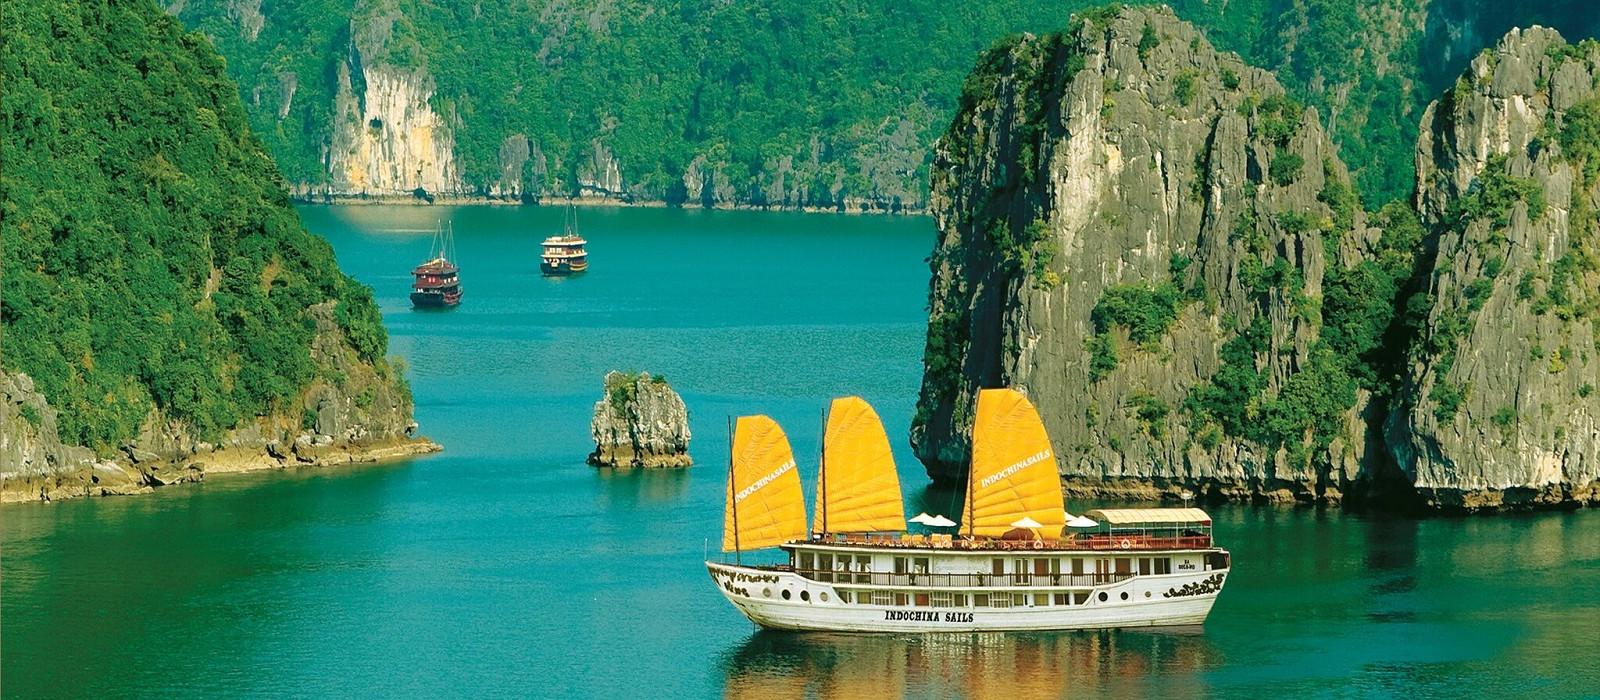 Hotel Kreuzfahrt mit Indochina Sails Vietnam